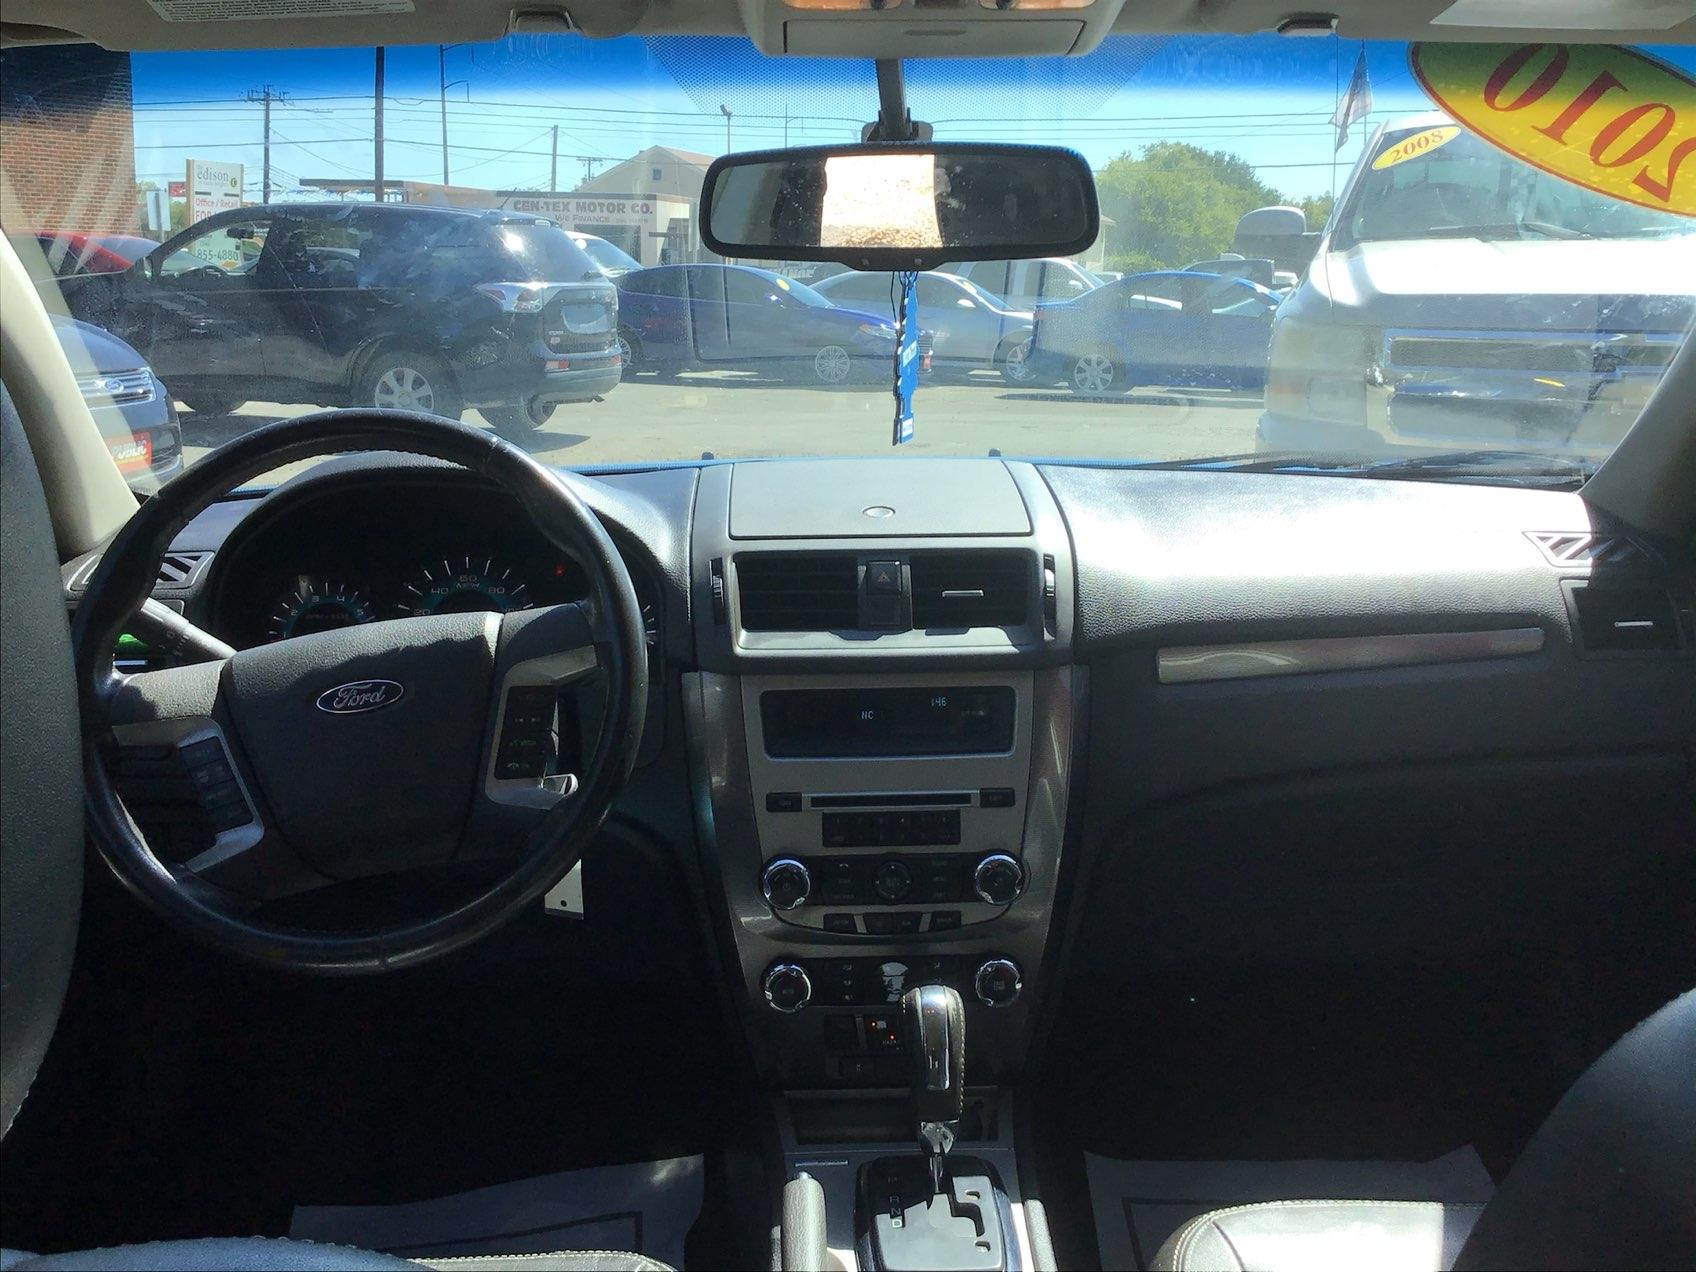 used vehicle - Sedan FORD FUSION 2010